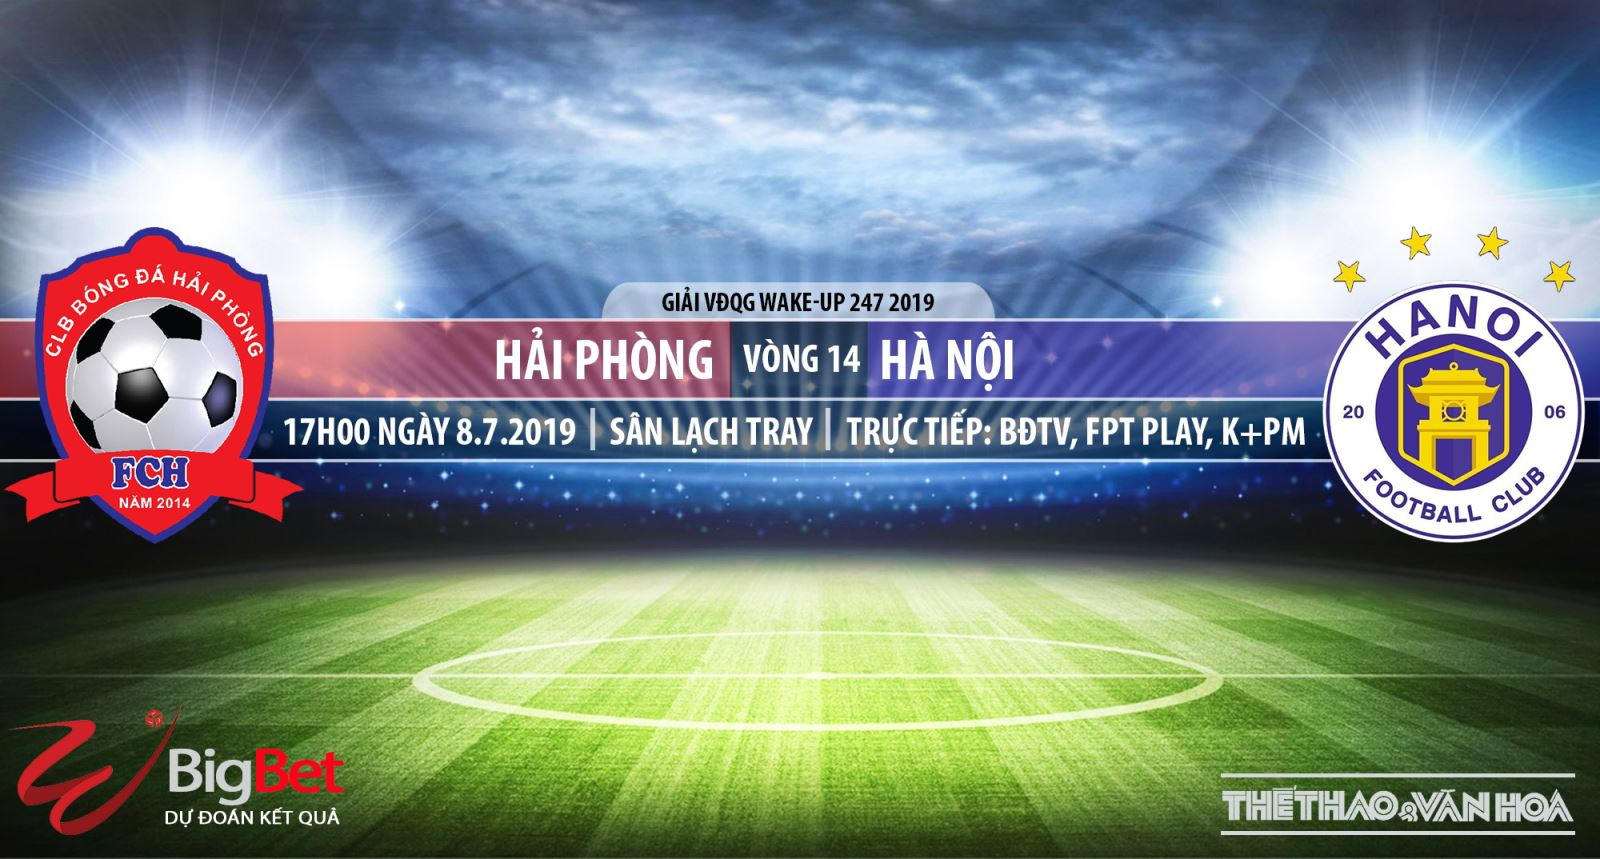 soi kèo V-League, SLNA vs Đà Nẵng, HAGL vs Quảng Nam, Hải Phòng vs Hà Nội, soi kèo V-League, Bình Dương vs Nam Định, Khánh Hòa vs Thanh Hóa, Viettel vs TP. Hồ Chí Minh, Sài Gòn FC vs Than Quảng Ninh